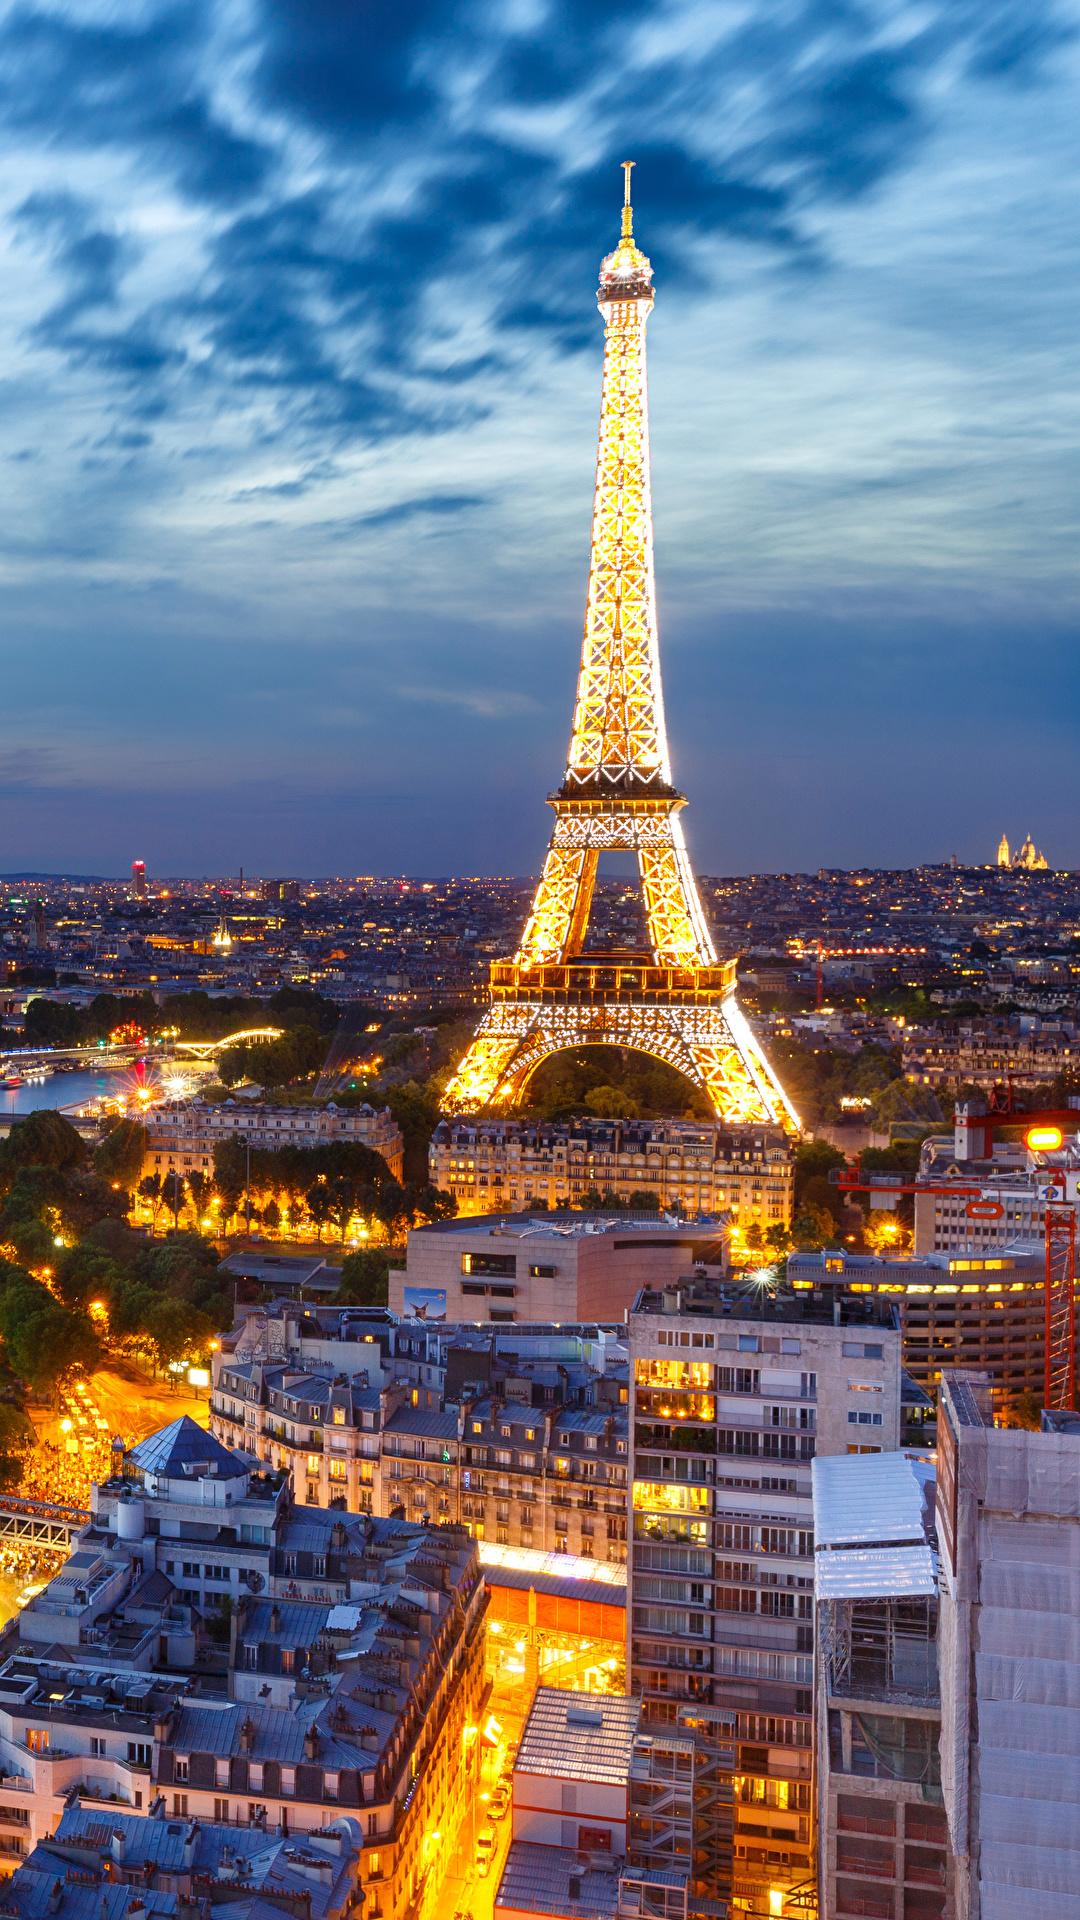 壁紙 1080x1920 空 夕 フランス エッフェル塔 パリ 上から